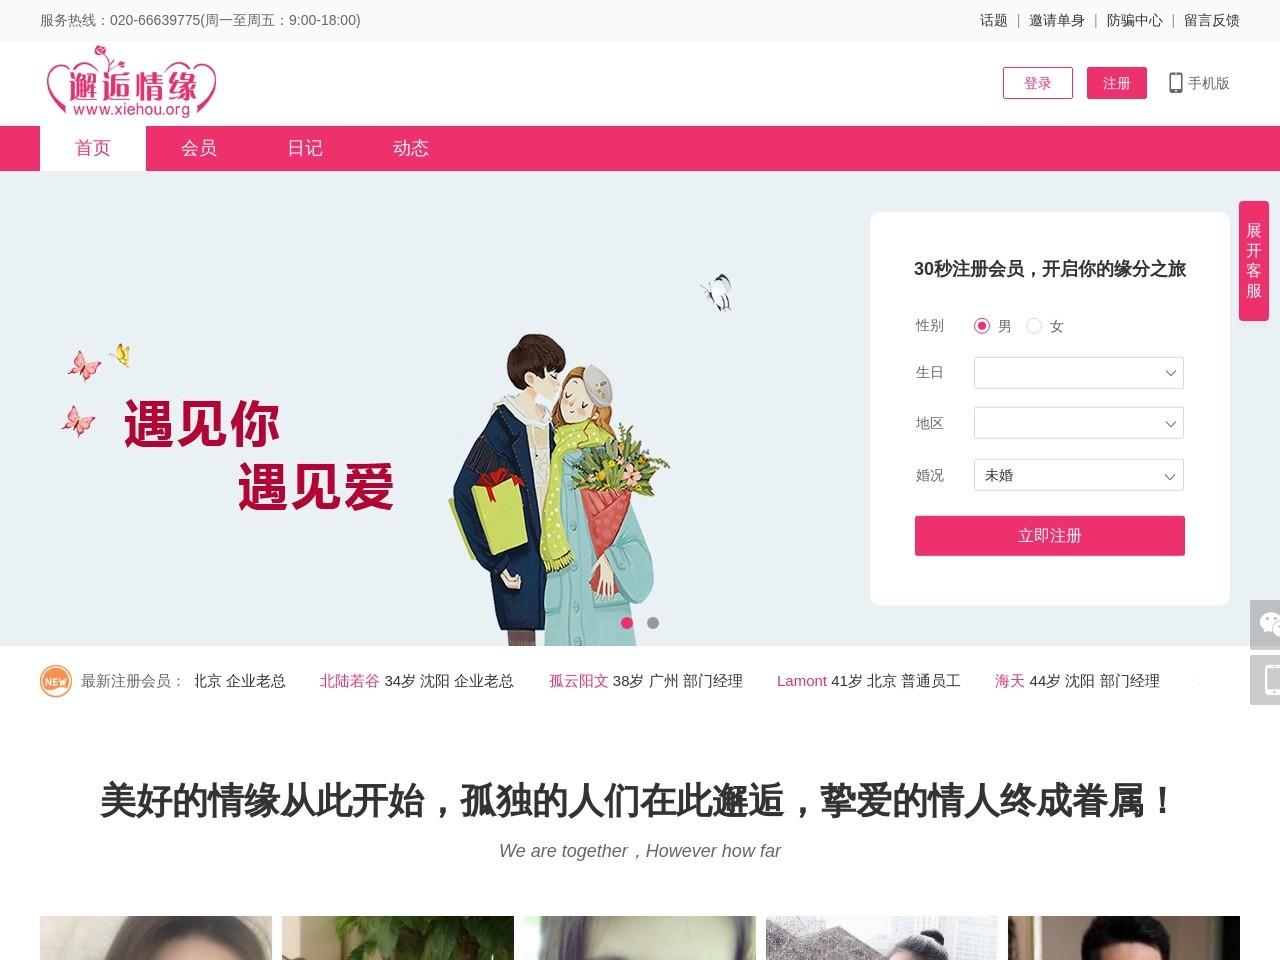 邂逅情缘网(www.xiehou.org)